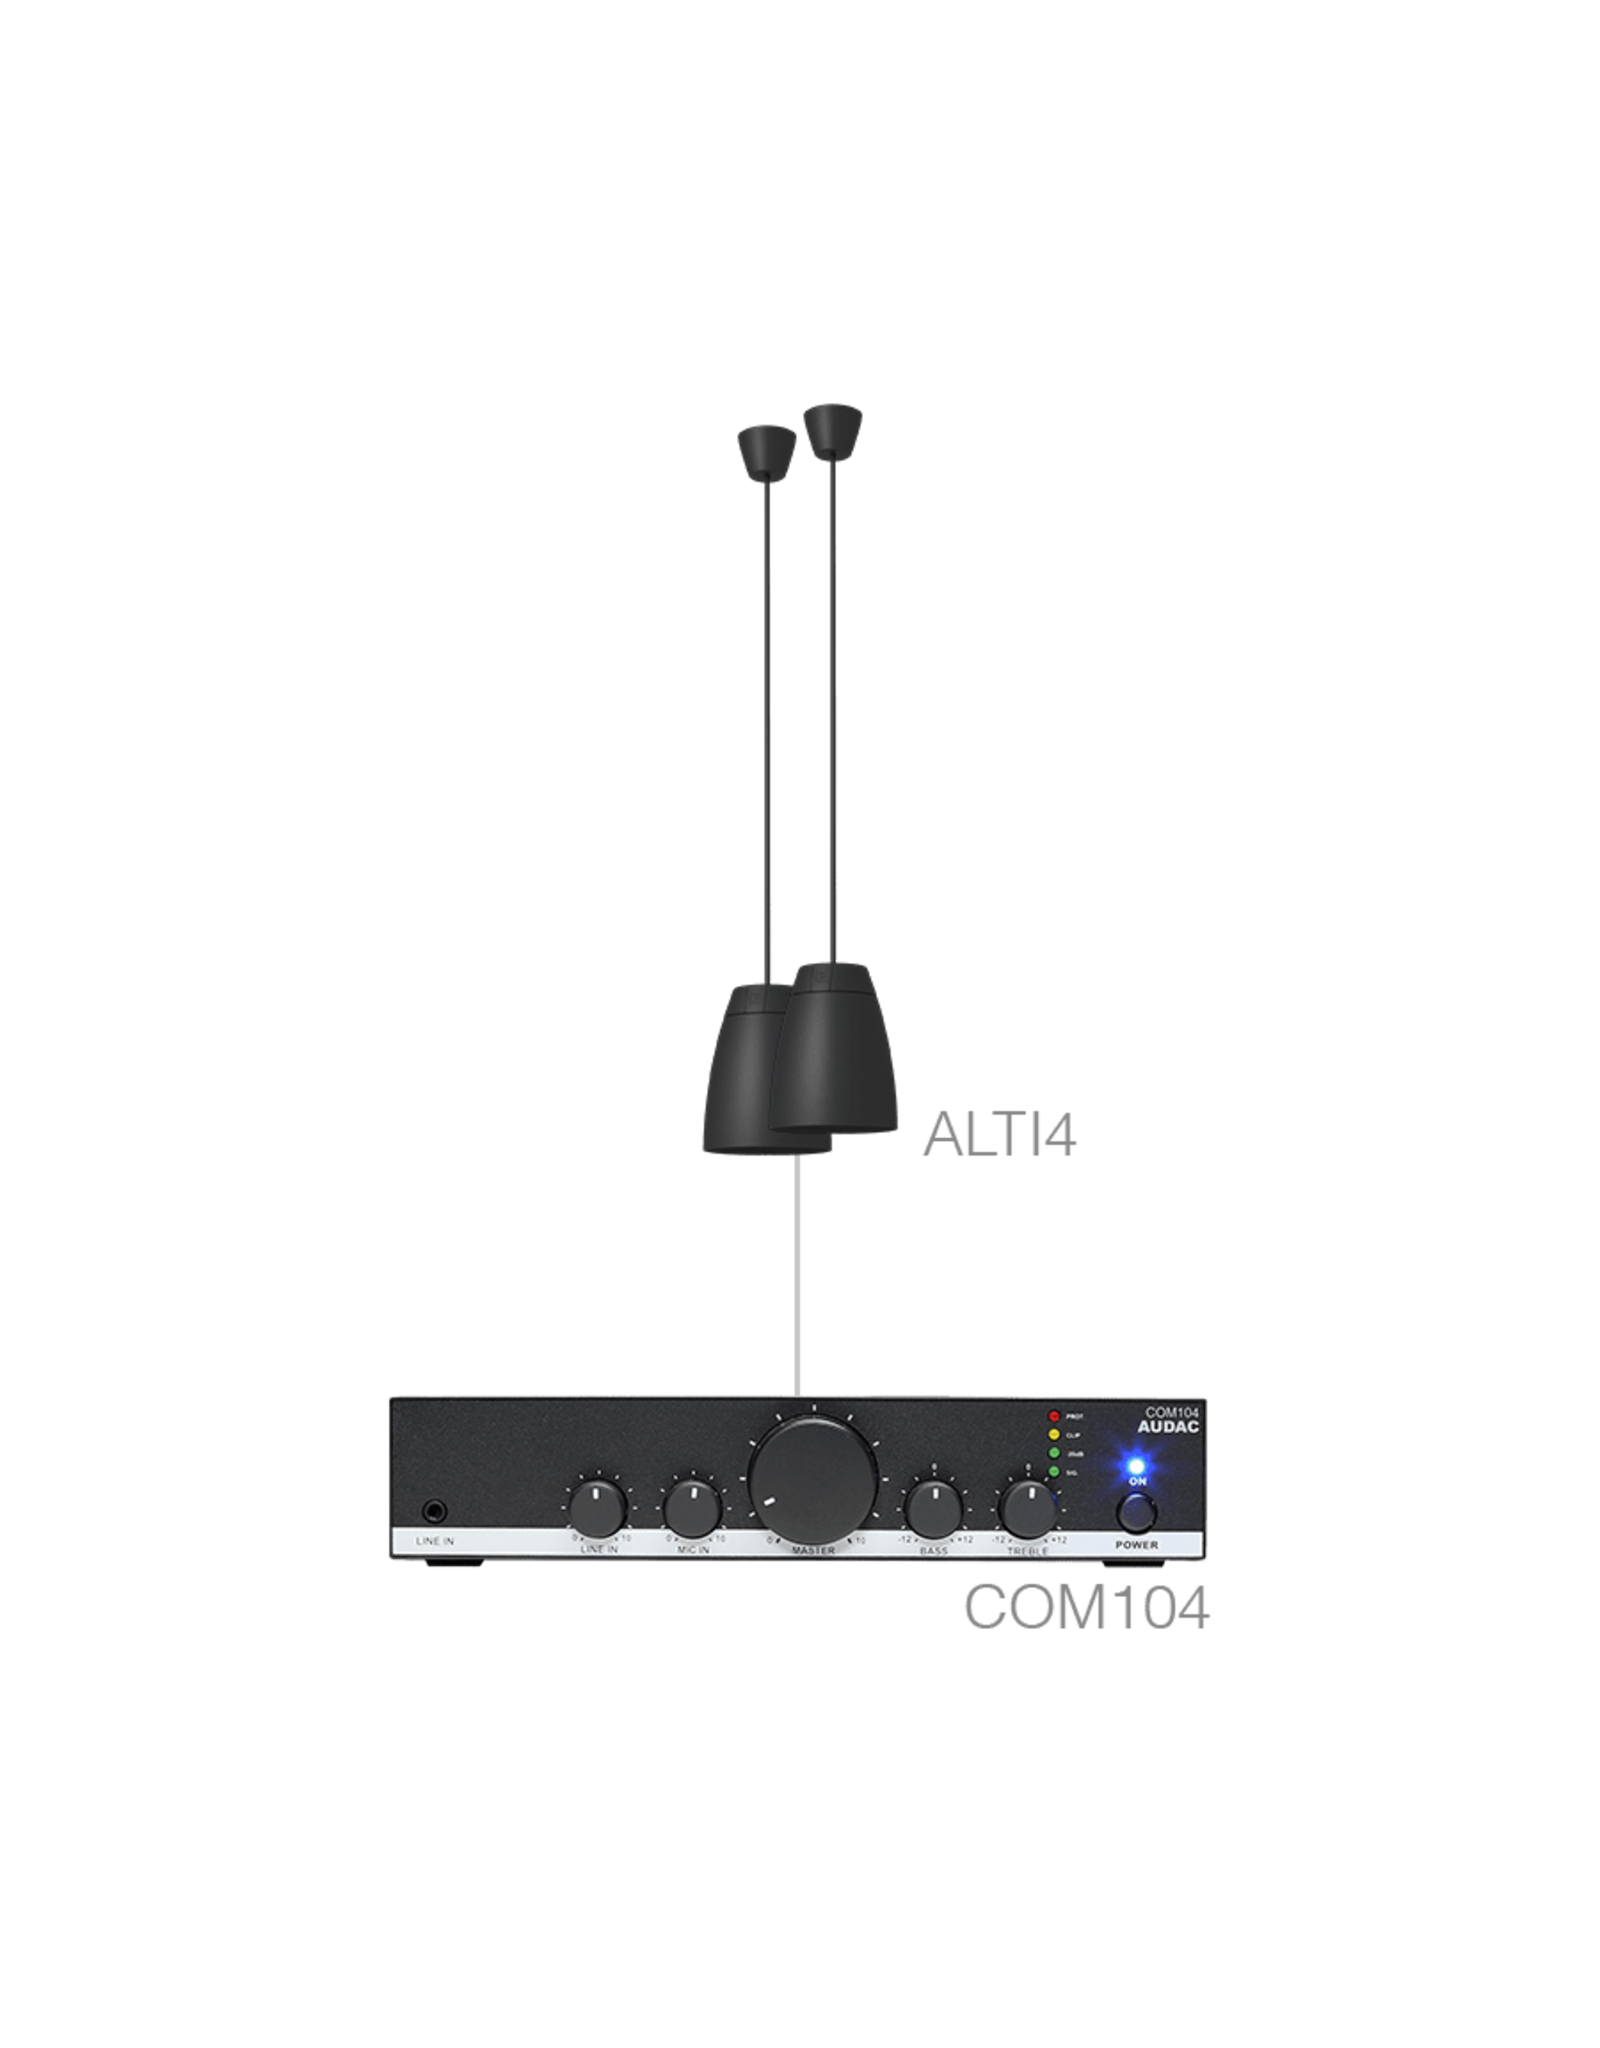 Audac 2 x ALTI4/W + COM104 Black